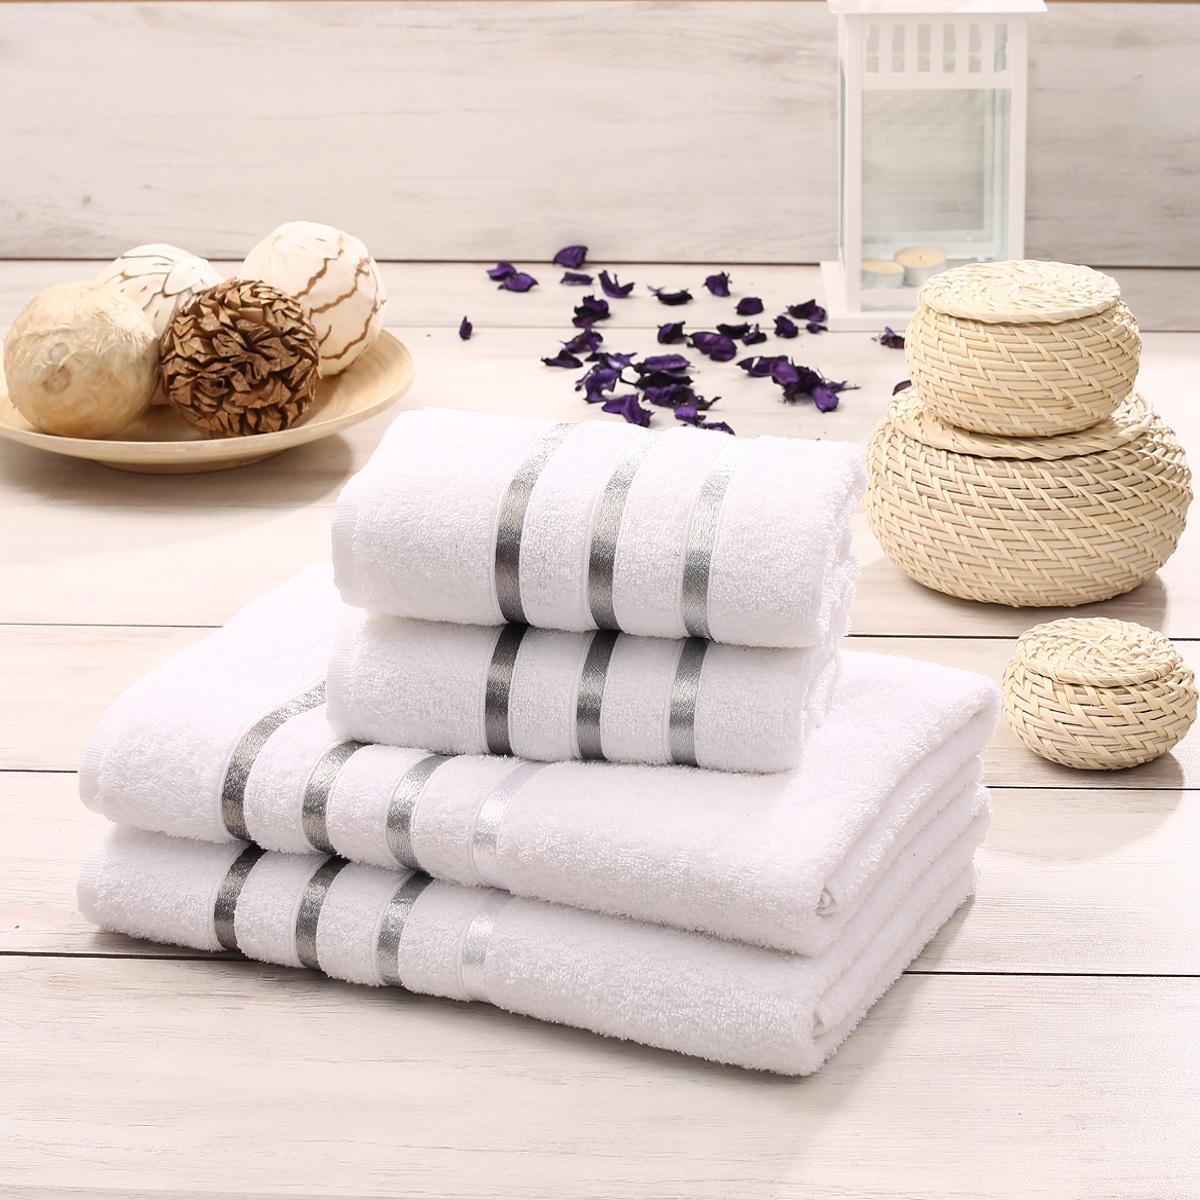 Набор полотенец Karna Bale, цвет: белый, 50 х 80 см, 70 х 140 см, 4 штУзТ-ПМ-112-09-29кНабор полотенец Karna Bale изготовлен из высококачественных хлопковых нитей.Хлопковые нити прядутся из длинных волокон. Длина волокон хлопковой нити влияет на свойства ткани, чем длиннее волокна, тем махровое изделие прочнее, пушистее и мягче на ощупь.Также махровое изделие отлично впитывает воду и быстро сохнет. На впитывающие качества махры (ее гигроскопичность) влияет состав волокон. Махра абсолютно не аллергенна, имеет высокую воздухопроницаемость и долгий срок использования ткани. Отличительной особенностью данной модели является её оригинальный дизайн и подарочная упаковка. В наборе: 2 банных полотенца: 70 x 140 см 2 полотенца для лица и рук: 50 х 80 см